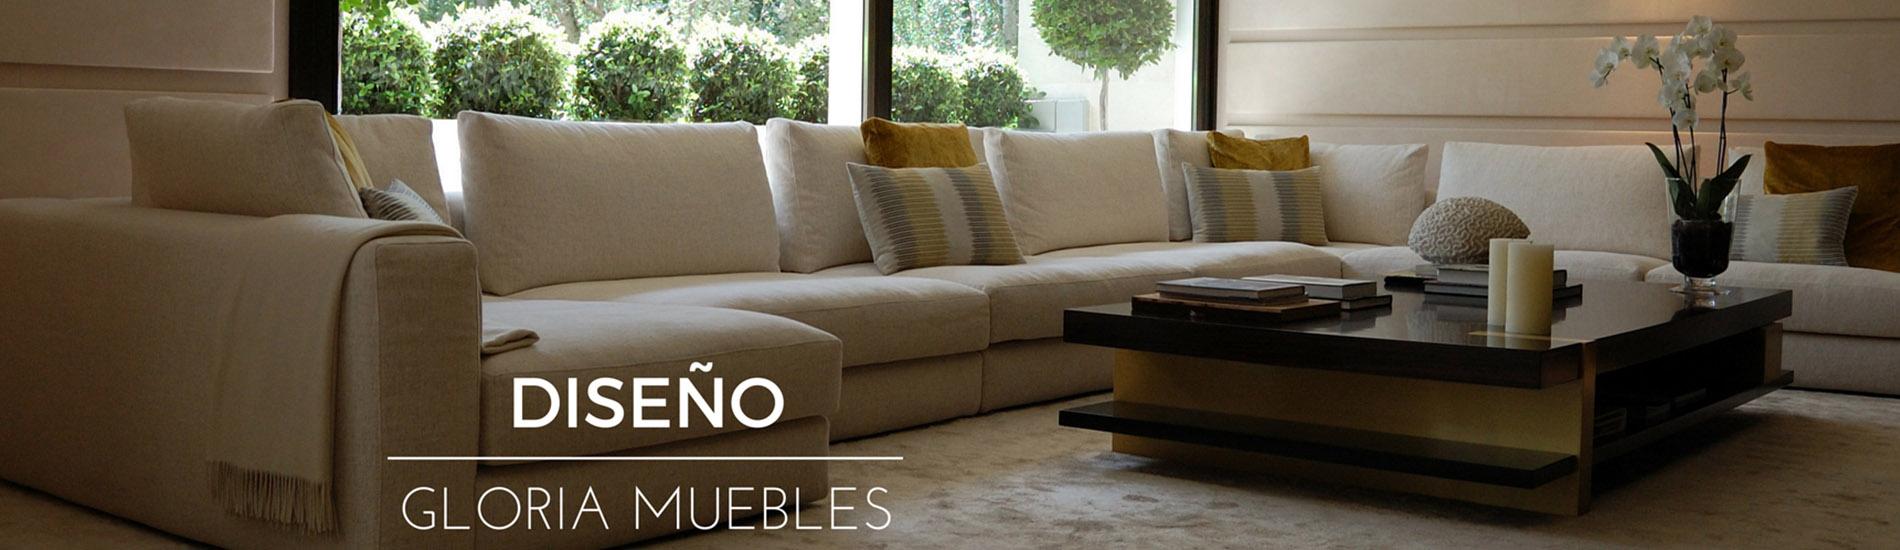 Muebles de dise o en elche alicante mueble contemporaneo for Muebles el rebajon elche